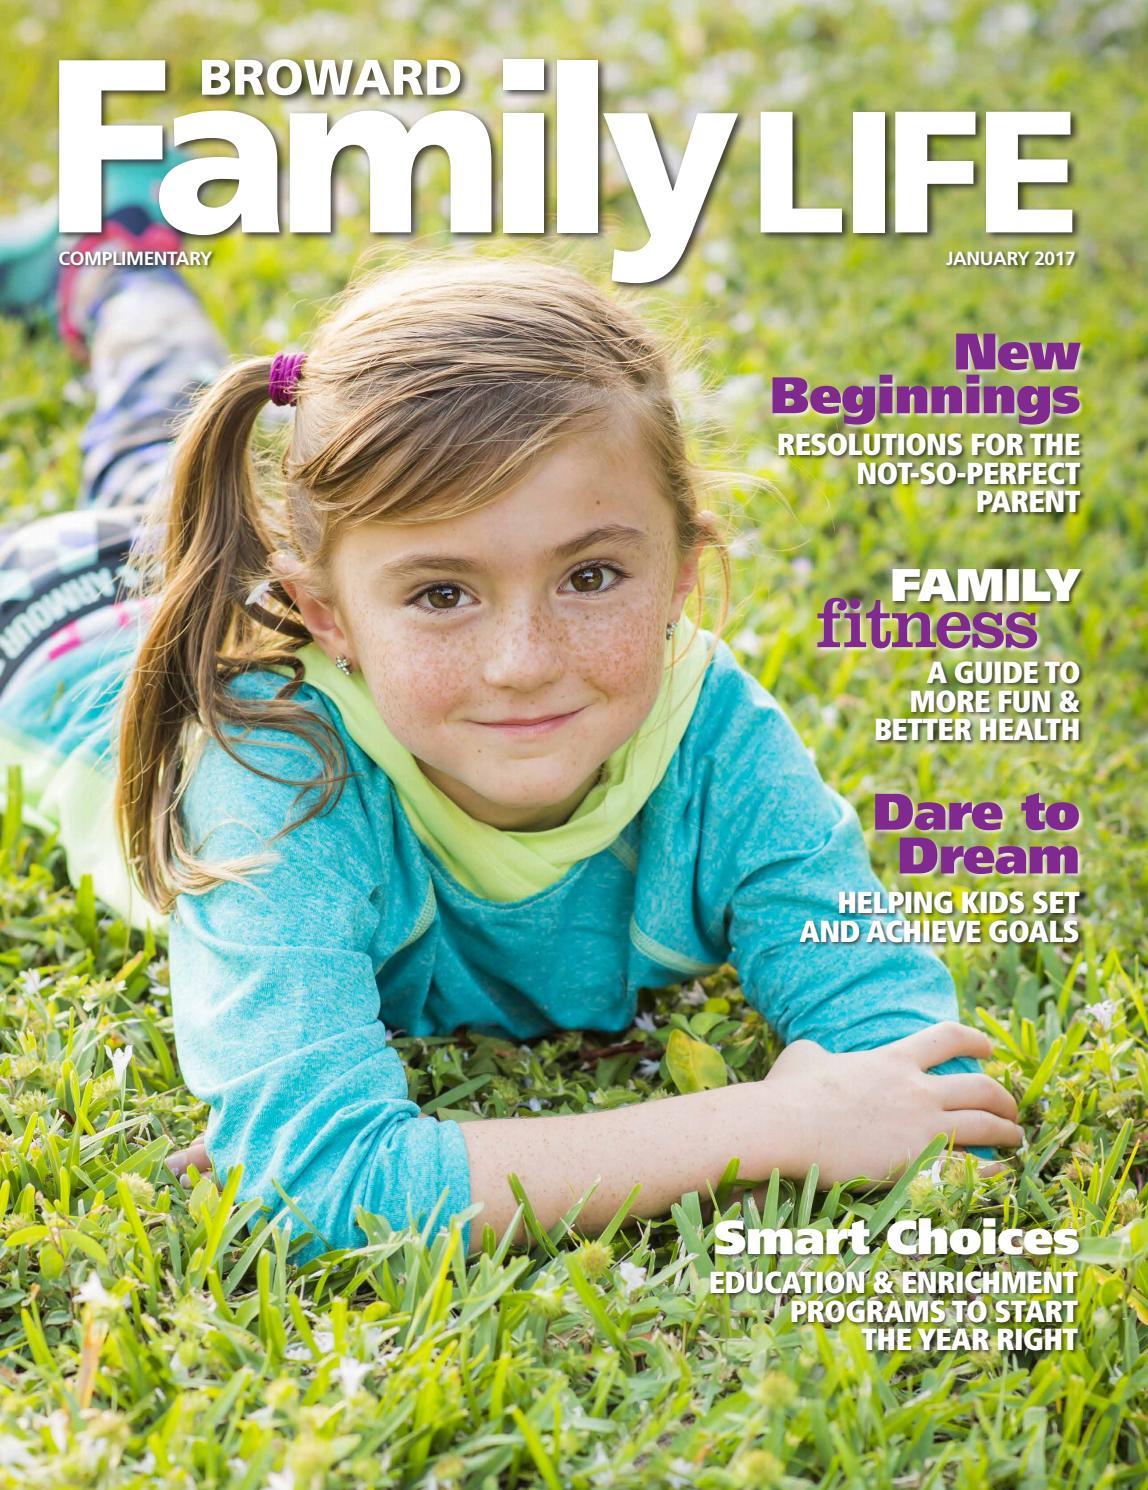 Broward Family Life January 2017 by Broward Family Life - issuu